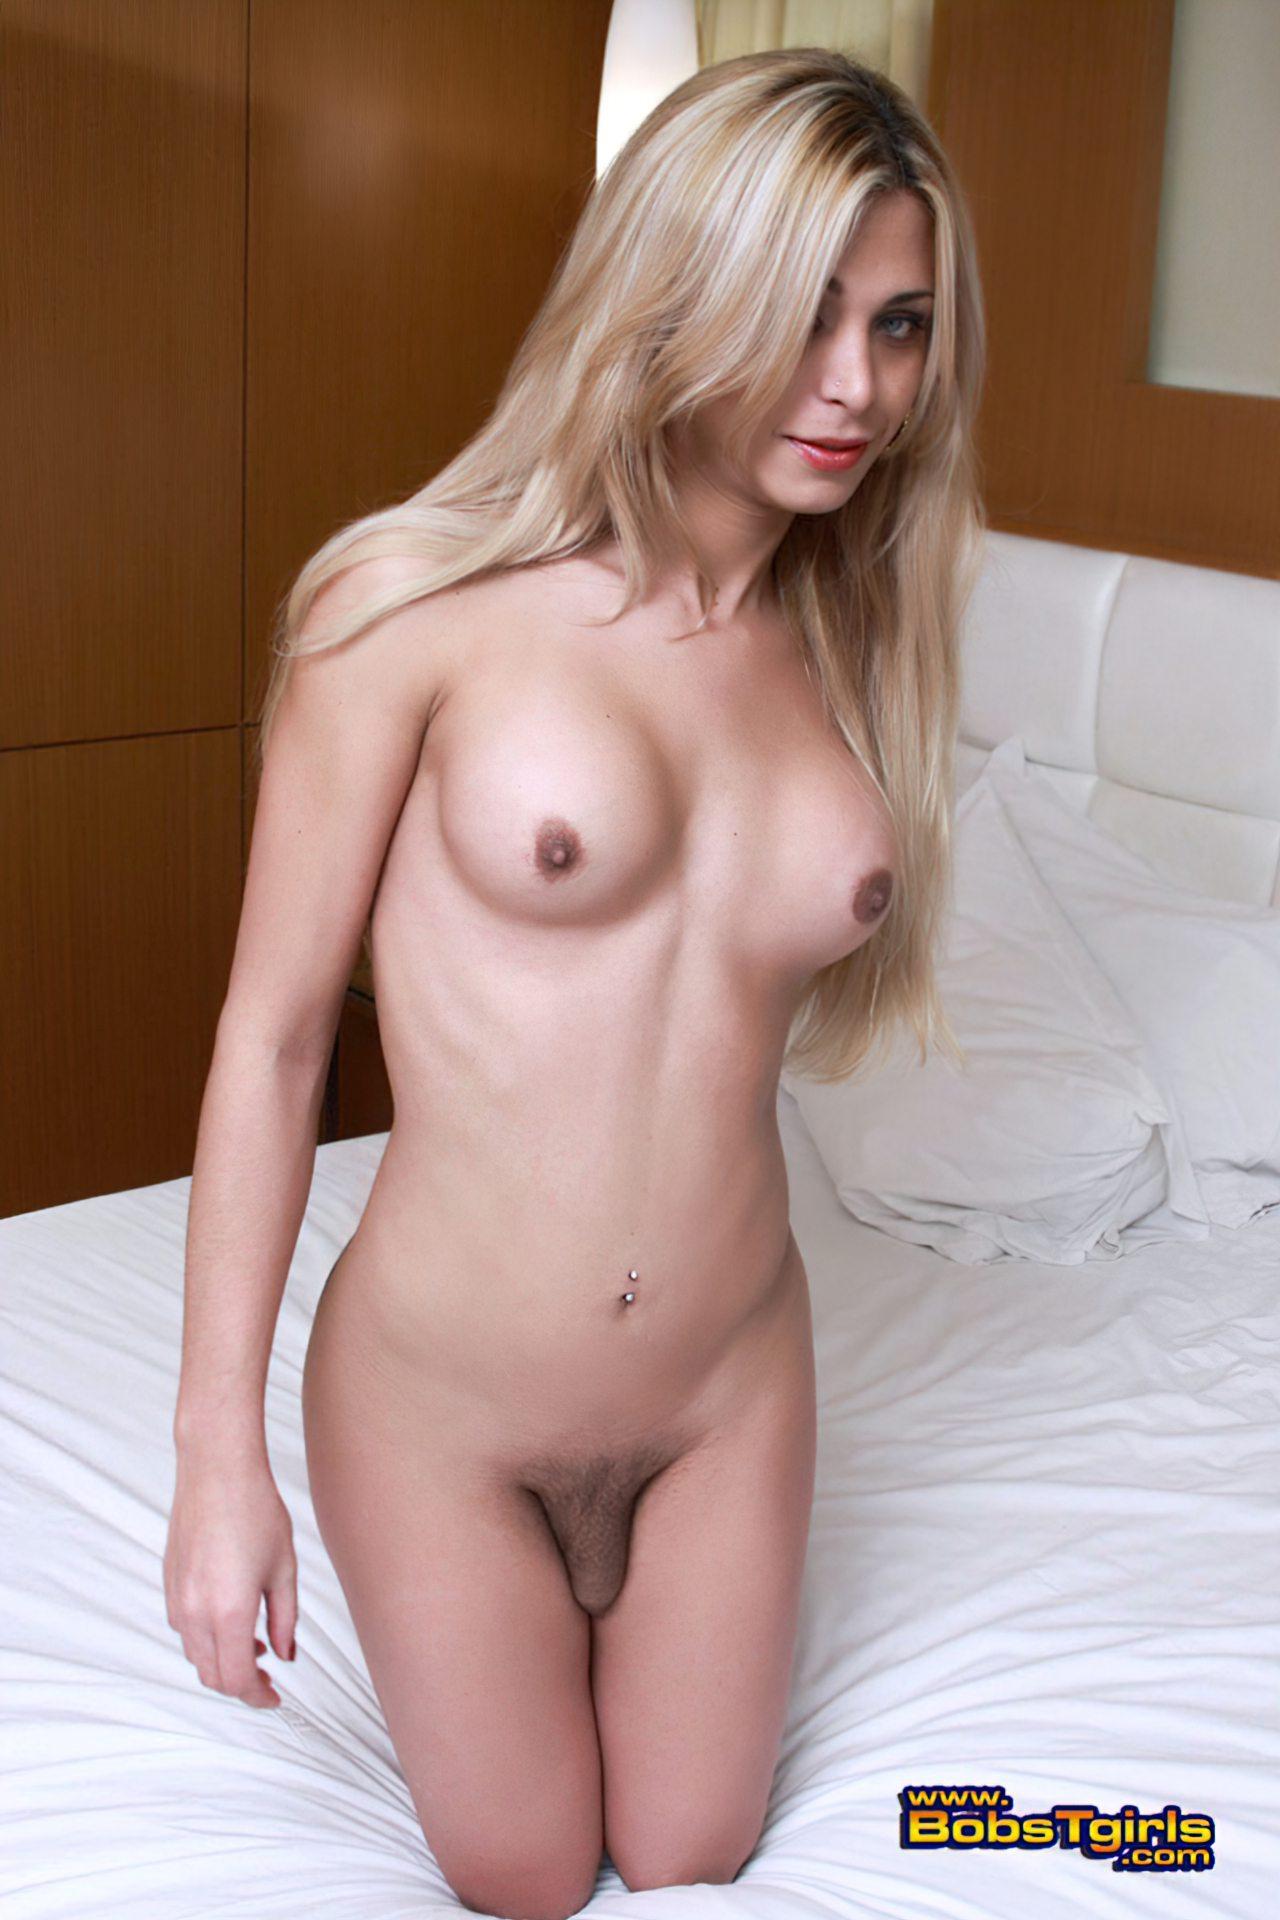 TGatas (37)